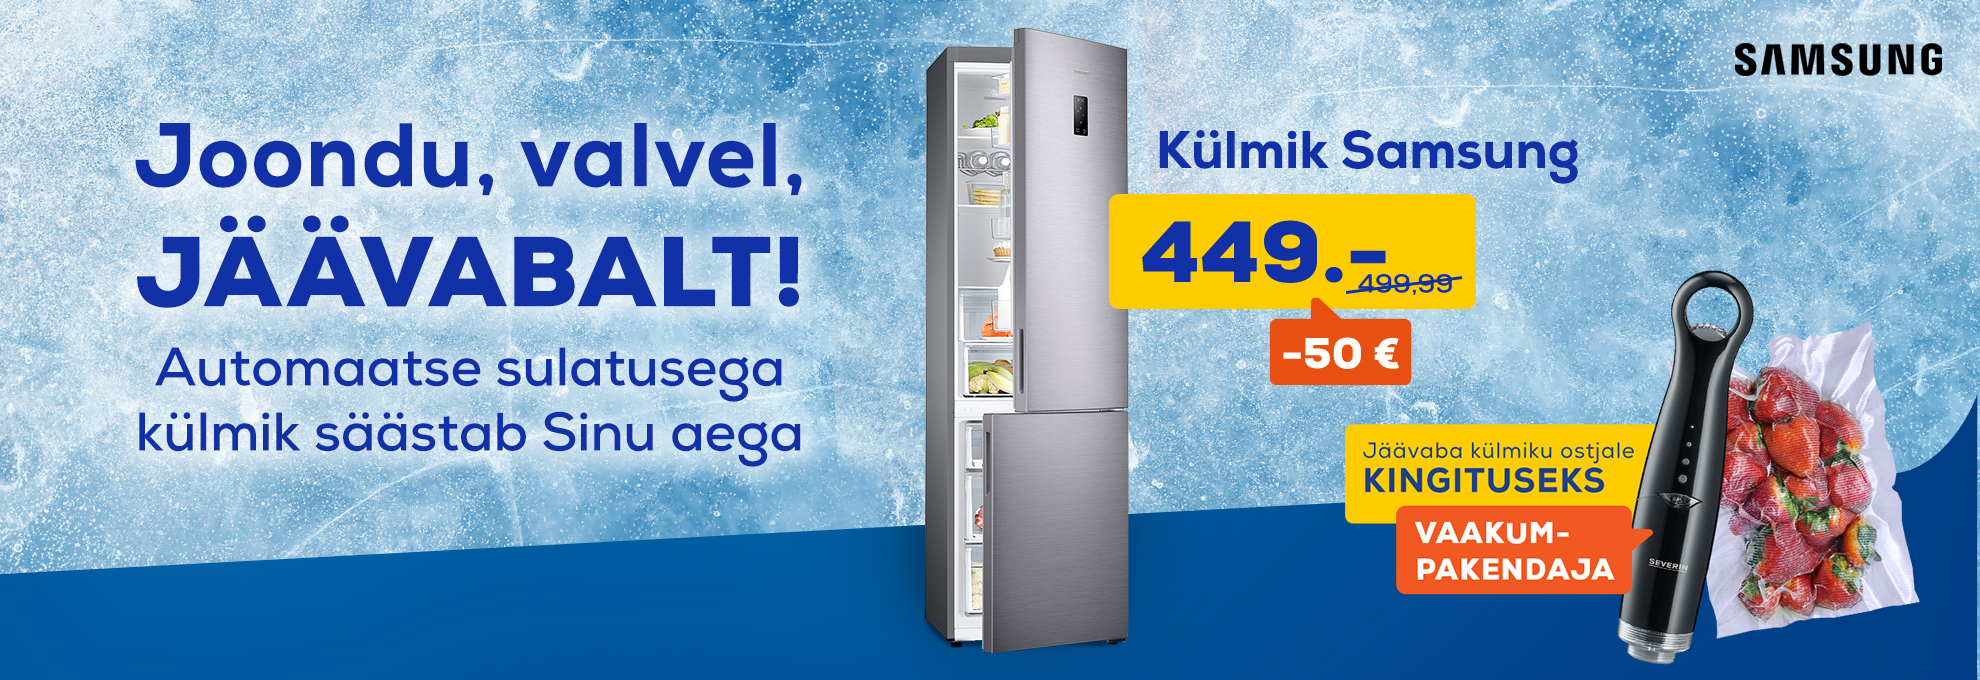 Jäävaba külmiku ostjale kingituseks vaakumpakendaja, Samsung